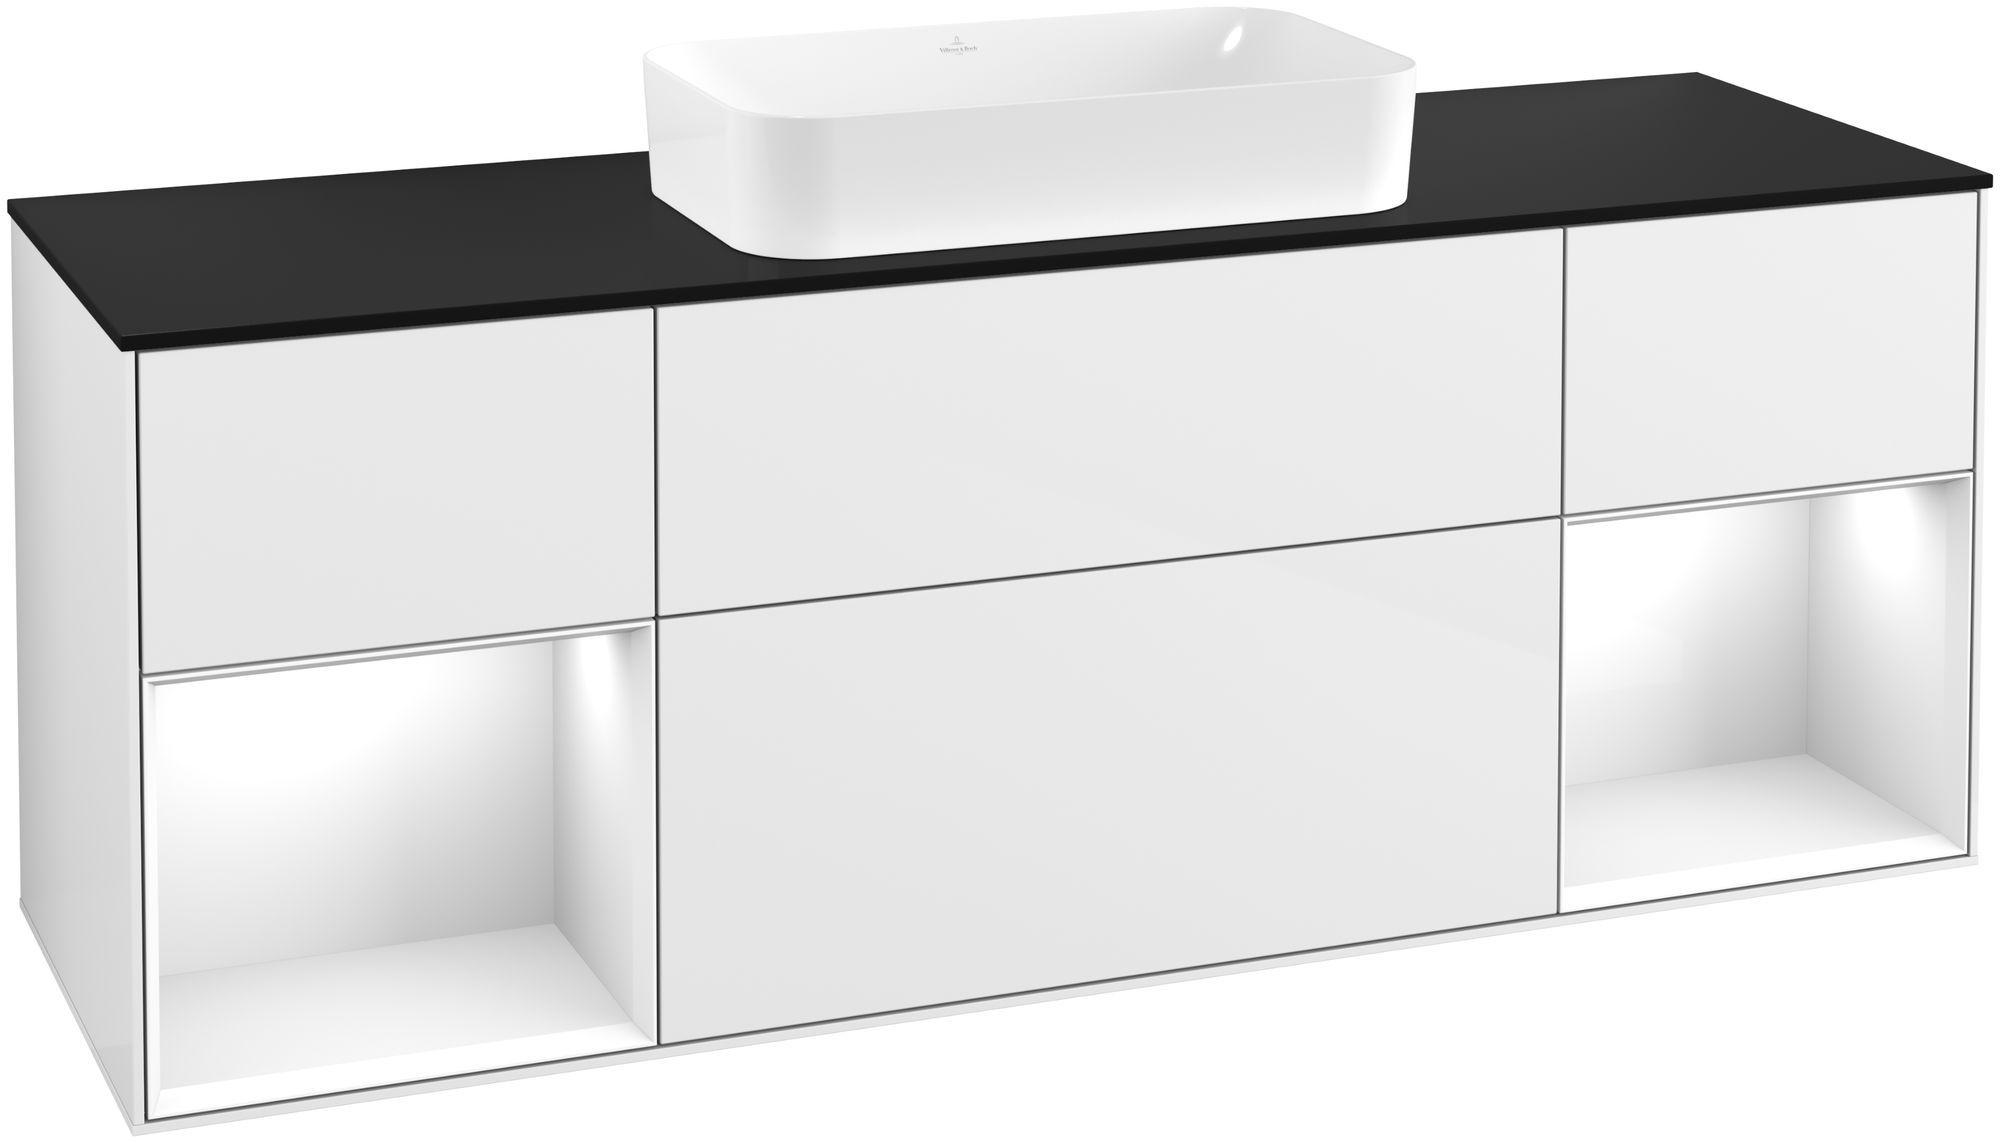 Villeroy & Boch Finion F33 Waschtischunterschrank mit Regalelement 4 Auszüge Waschtisch mittig LED-Beleuchtung B:160xH:60,3xT:50,1cm Front, Korpus: Glossy White Lack, Glasplatte: Black Matt F332GFGF